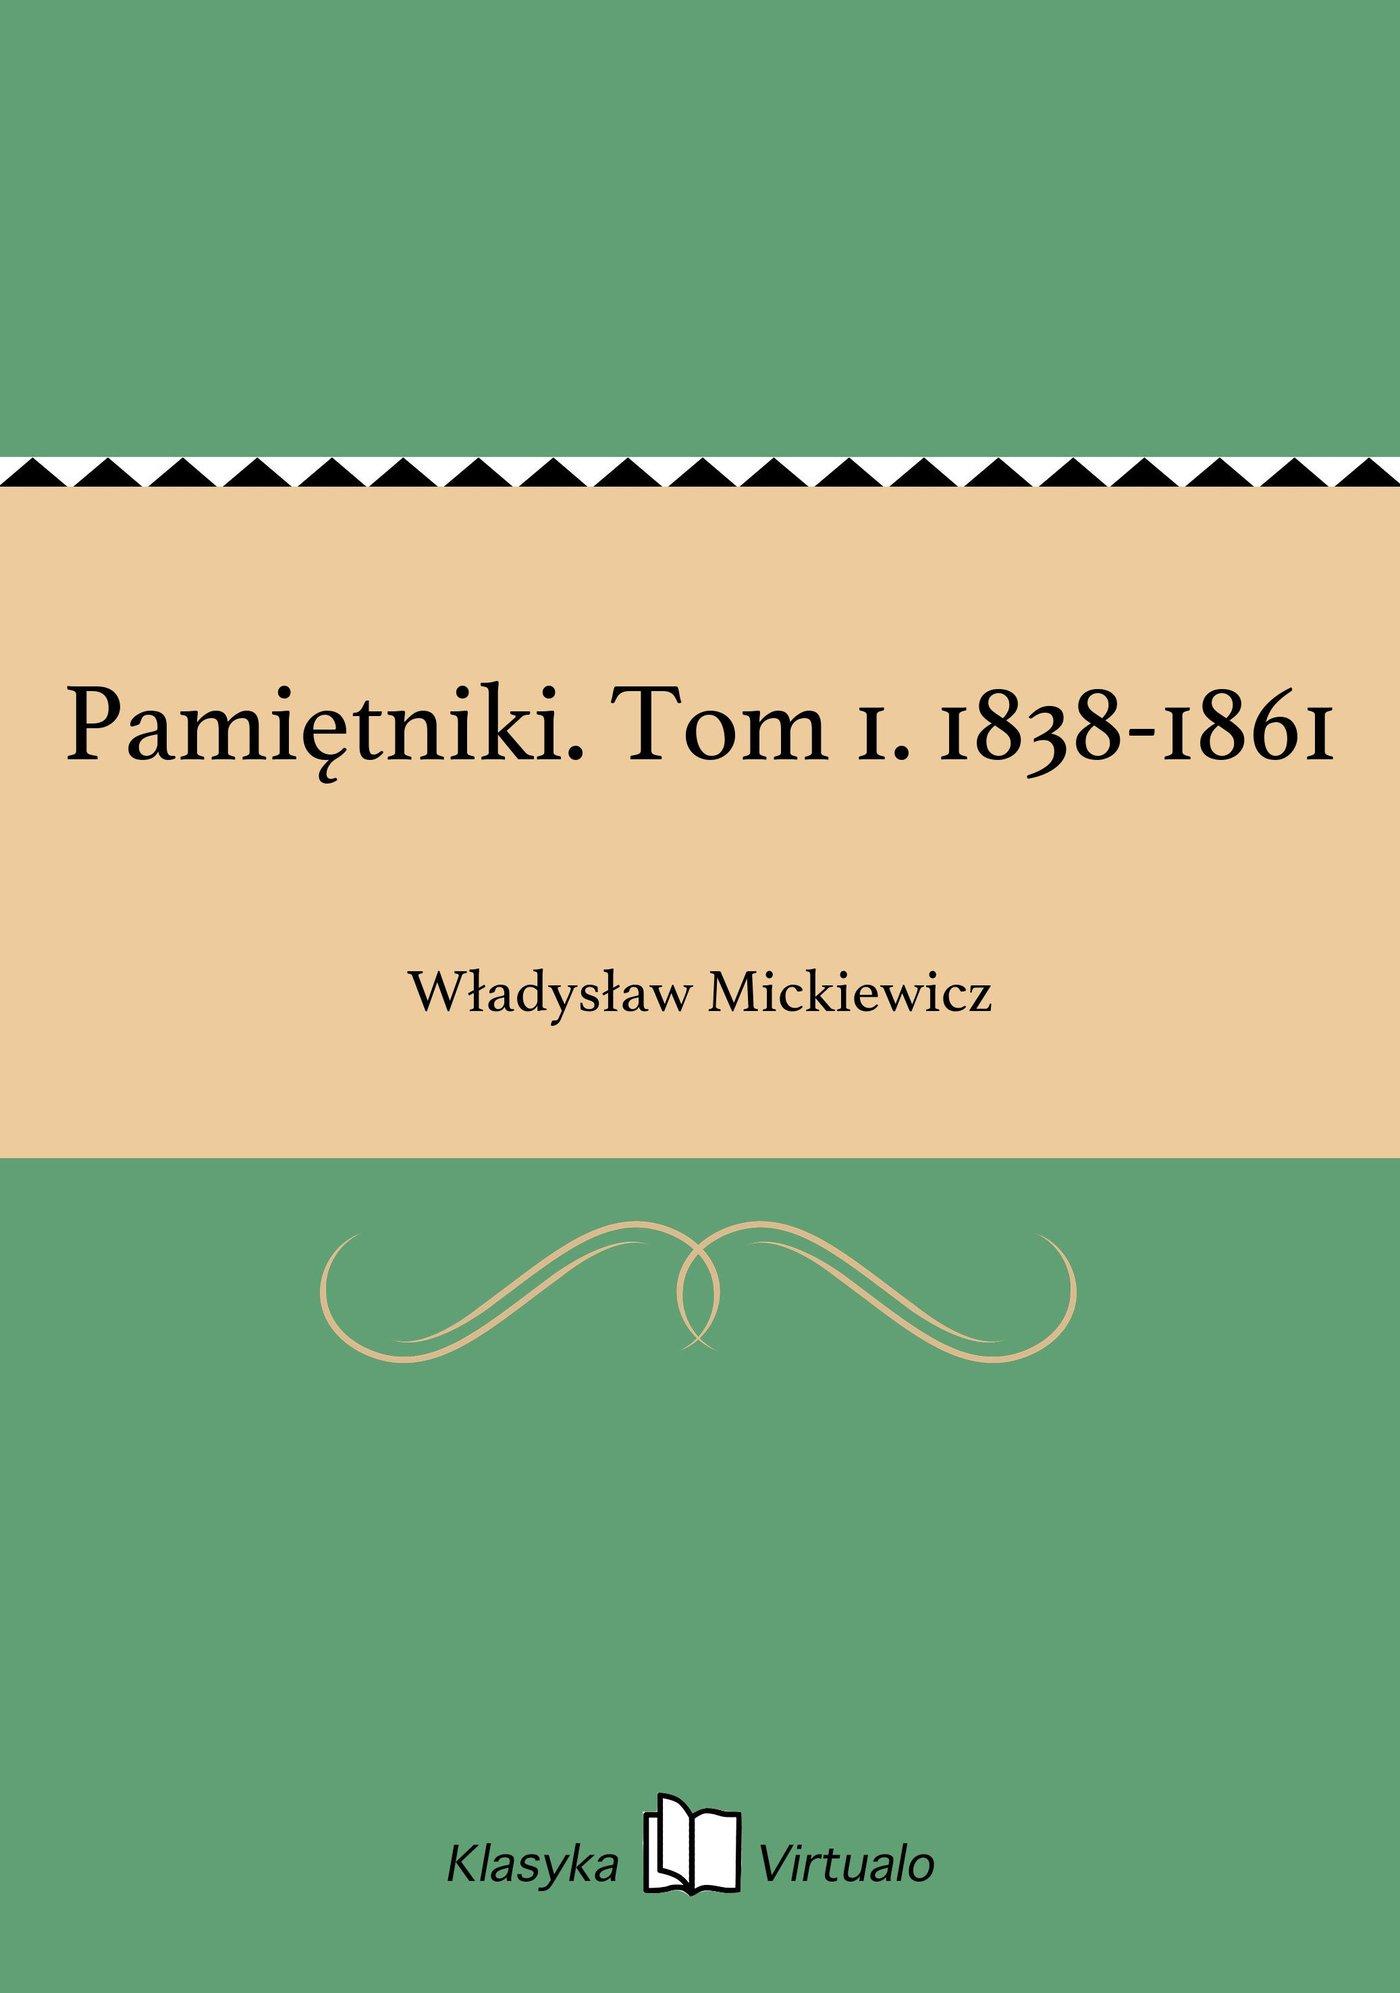 Pamiętniki. Tom 1. 1838-1861 - Ebook (Książka EPUB) do pobrania w formacie EPUB